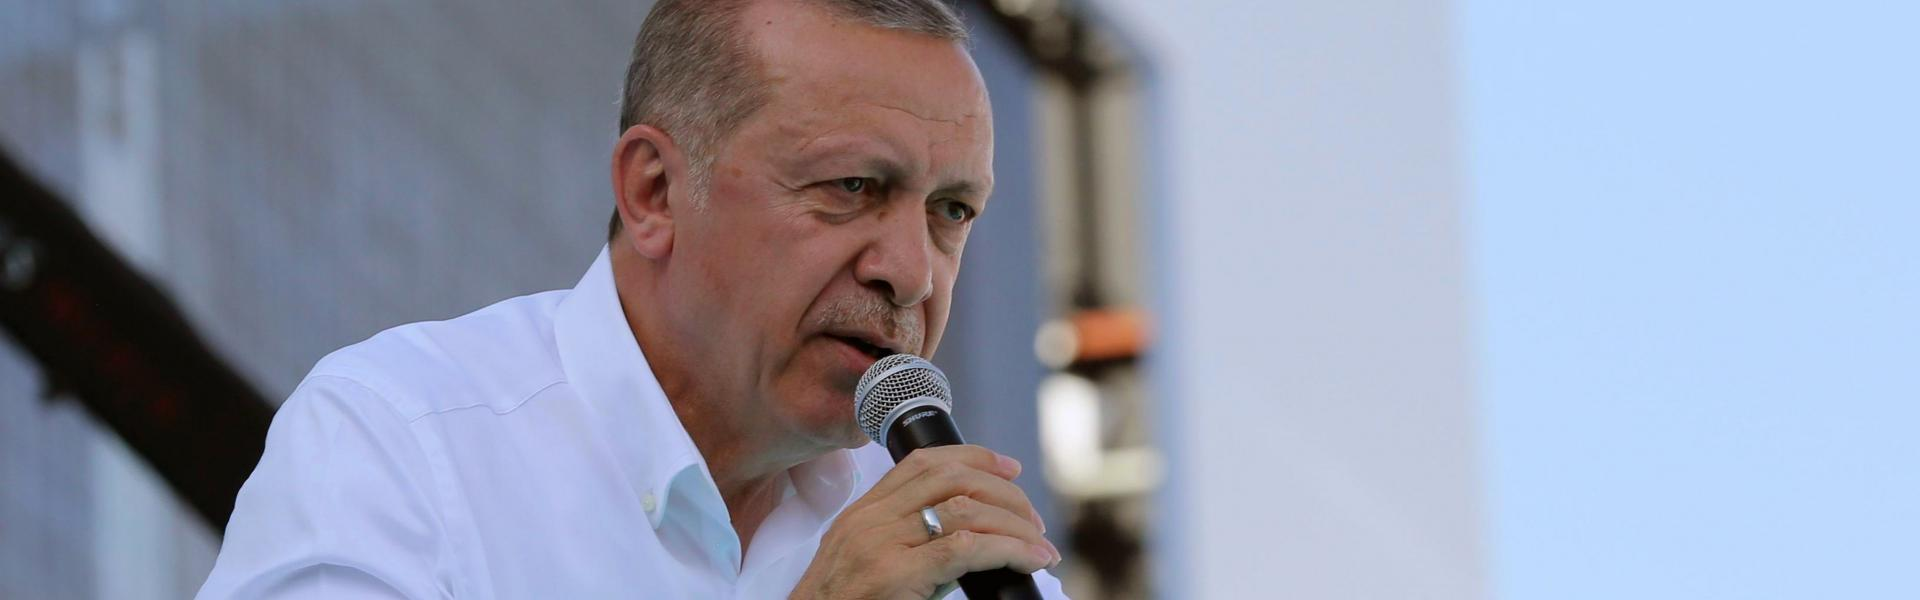 Erdoğan'ın yeni videosu sızdı